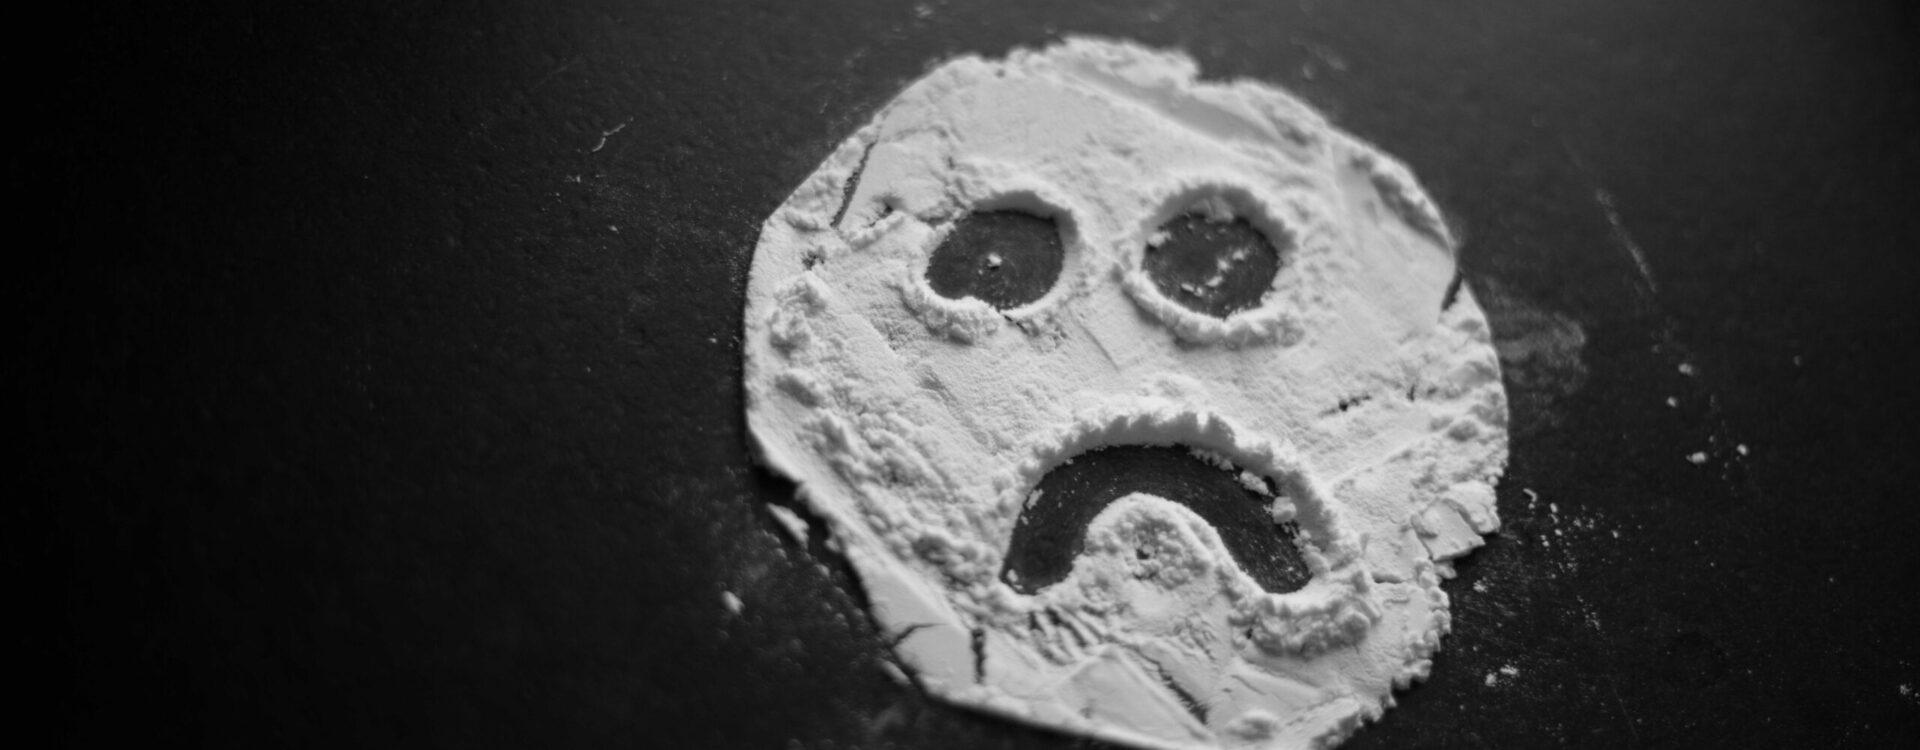 Jak rozpoznać, że dziecko bierze narkotyki